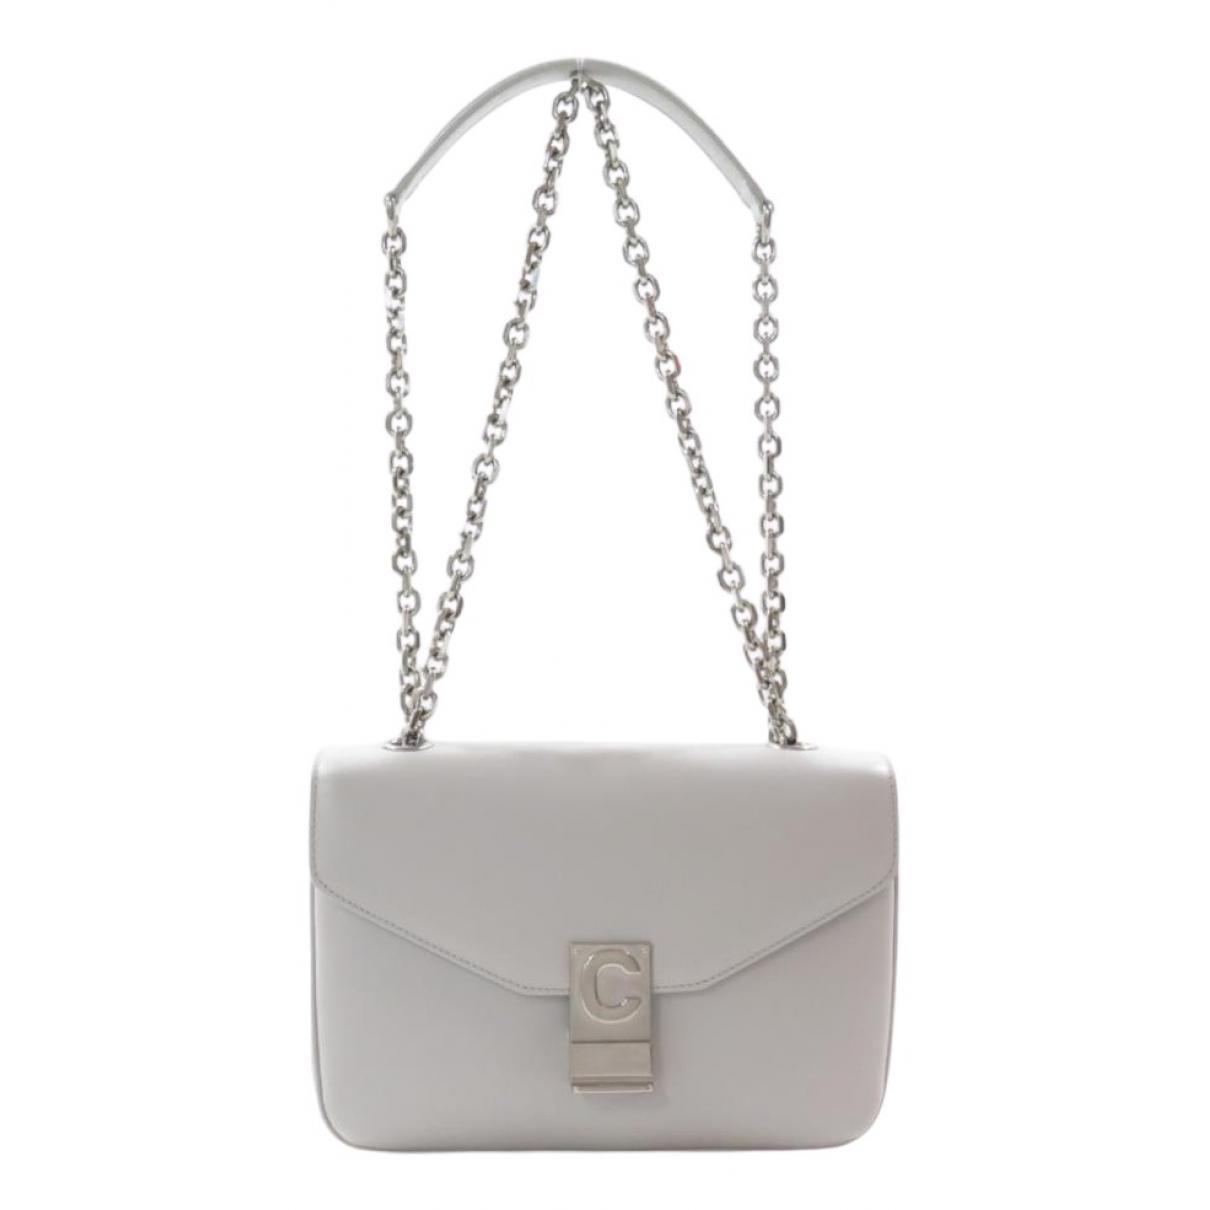 Celine C bag Handtasche in  Grau Leder